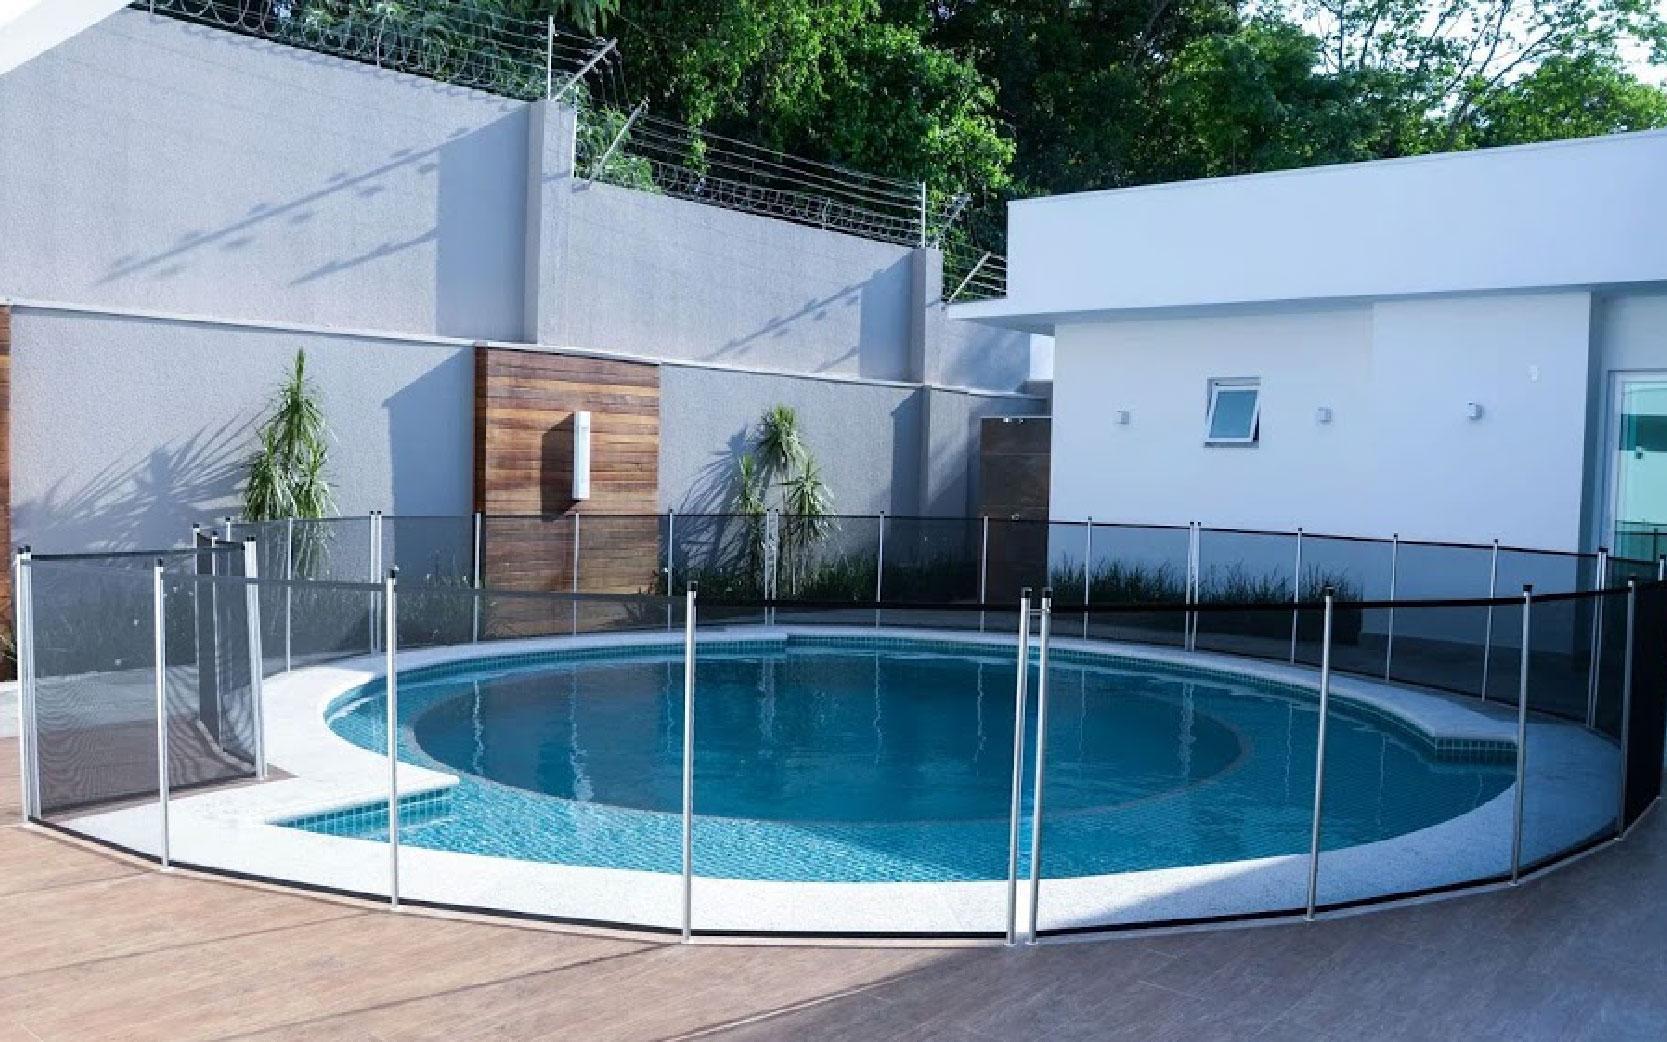 cerca_segurança_piscina-05